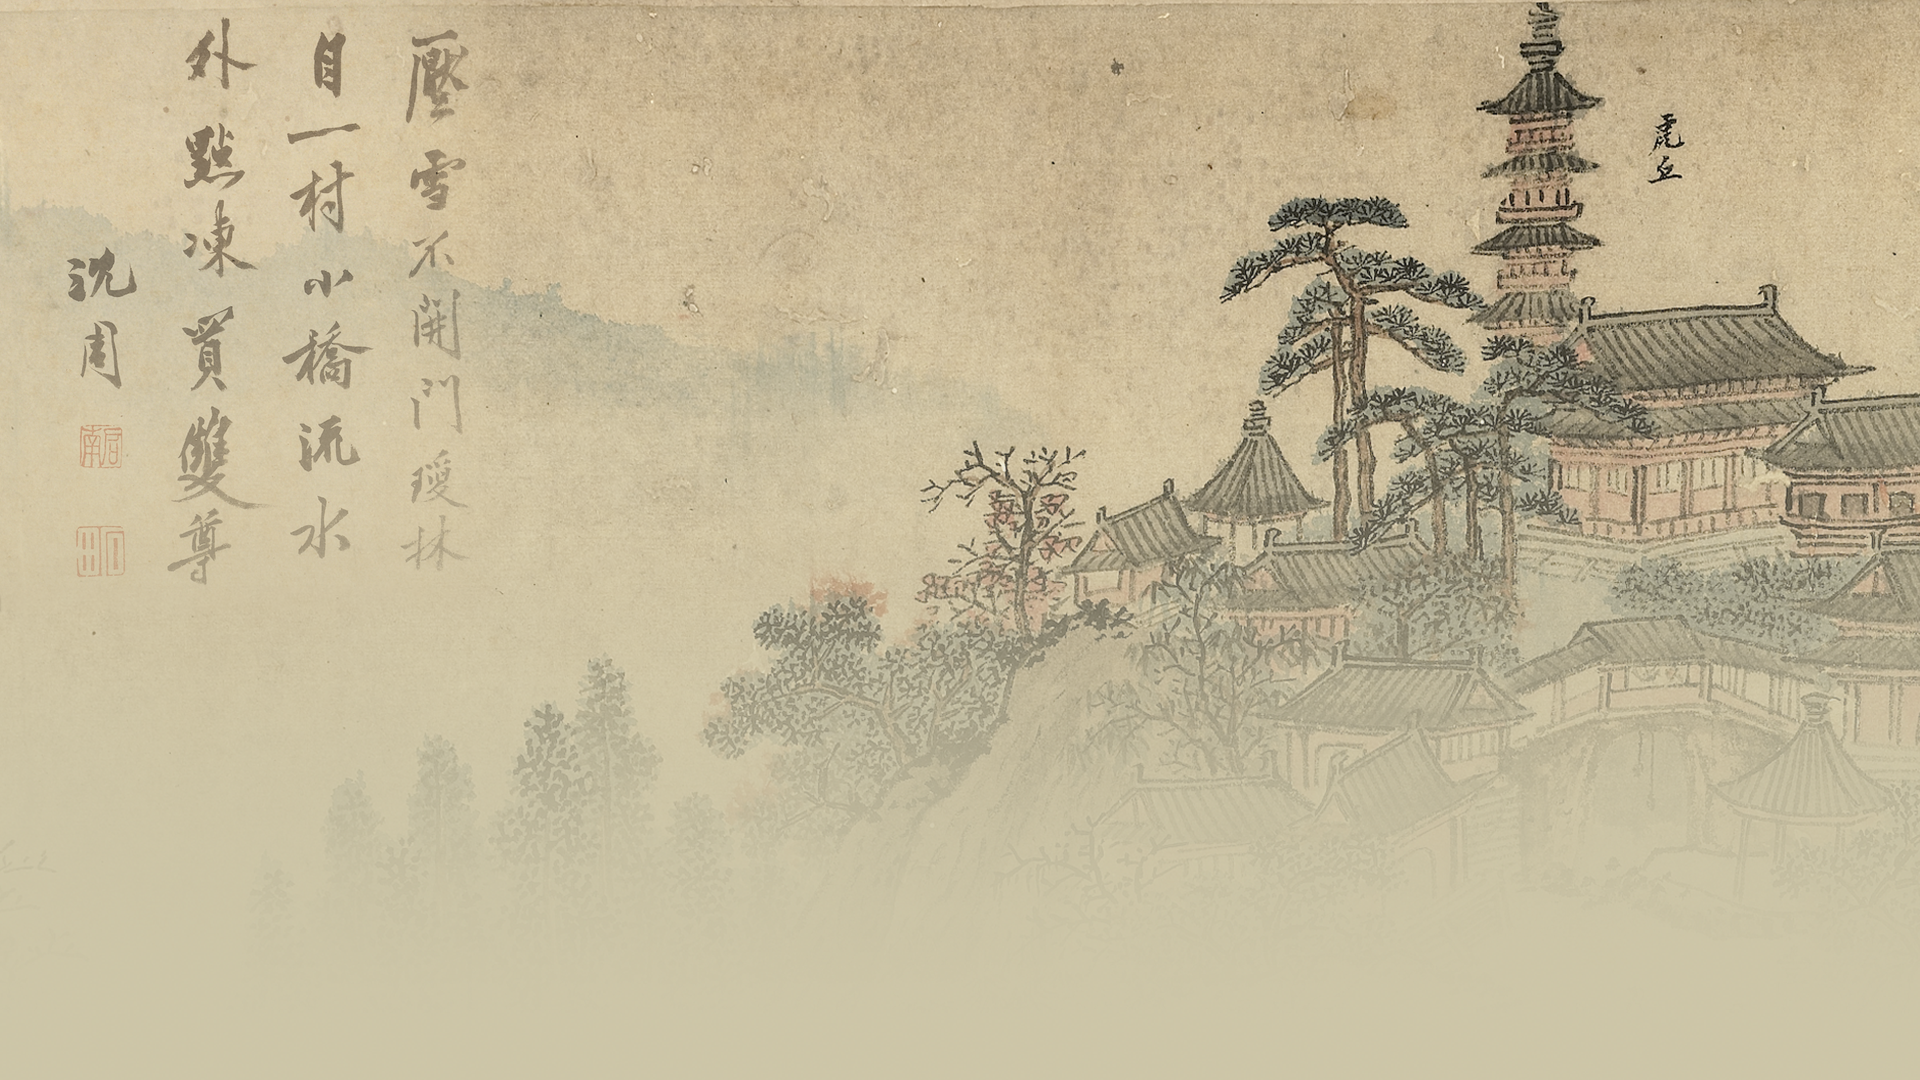 Image of Suzhou Landscape